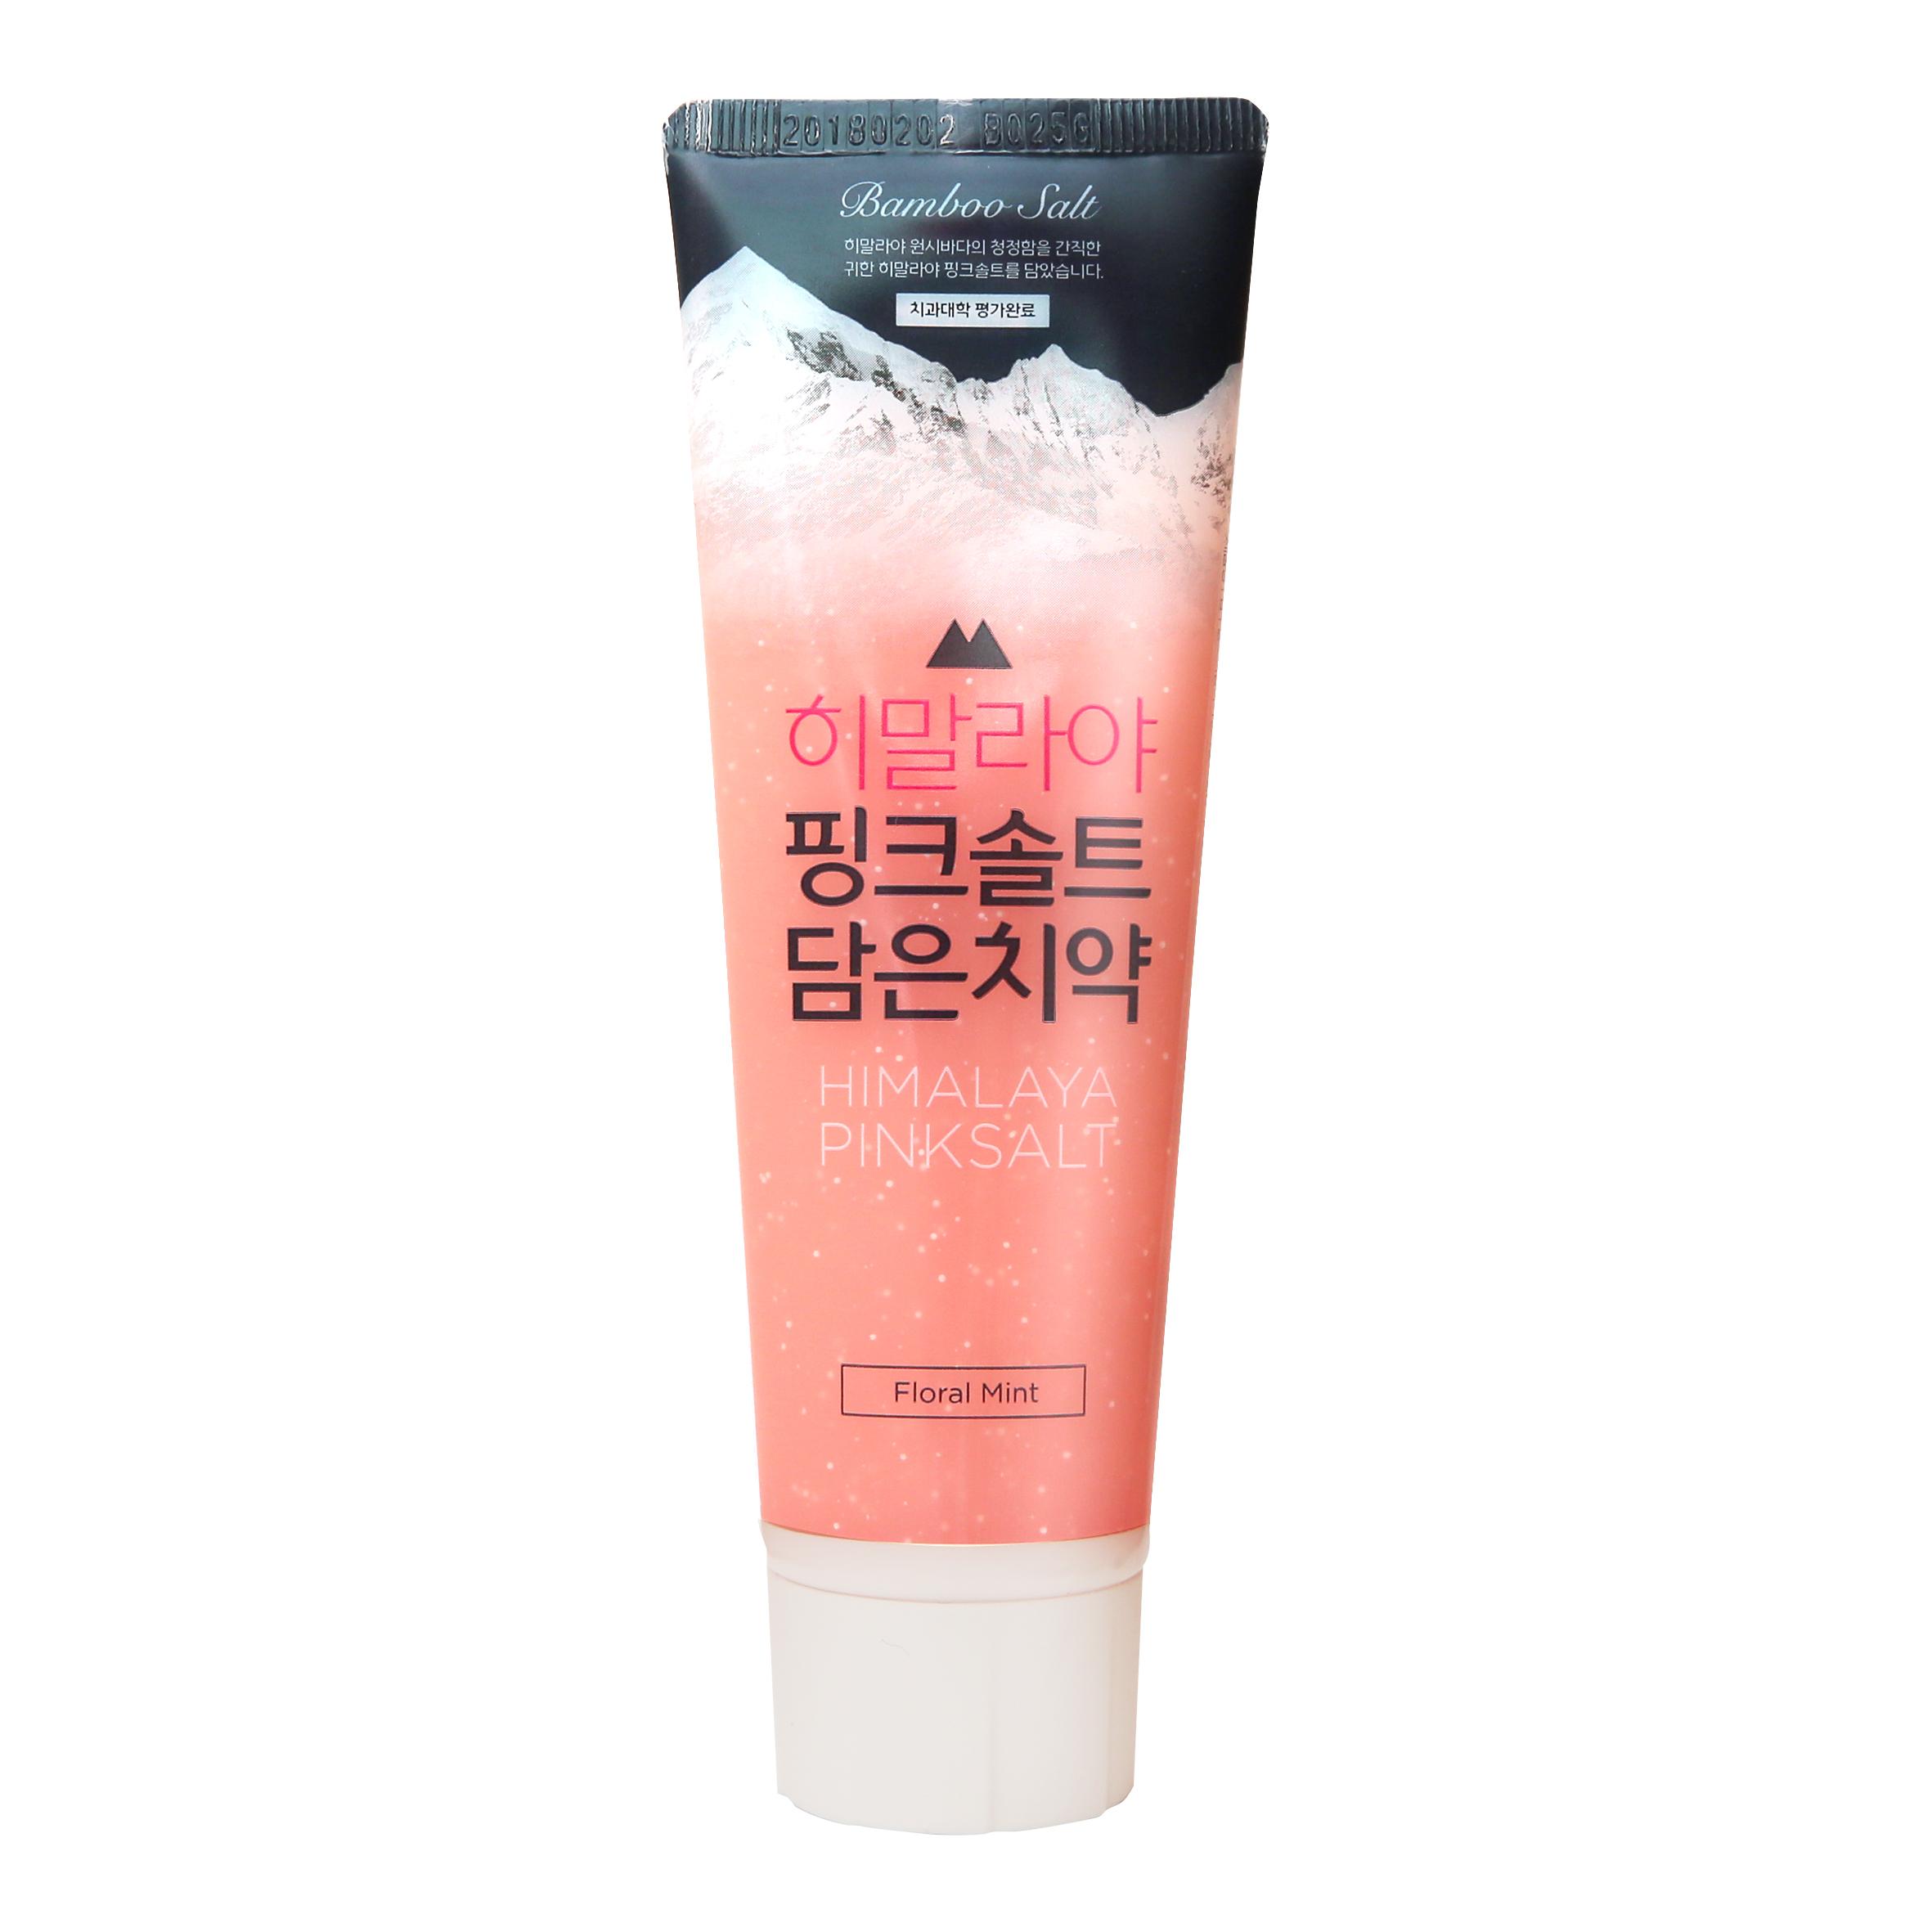 【ZY】【一般贸易】韩国LG 竹盐喜马拉雅粉盐牙膏(冰澈薄荷)100g